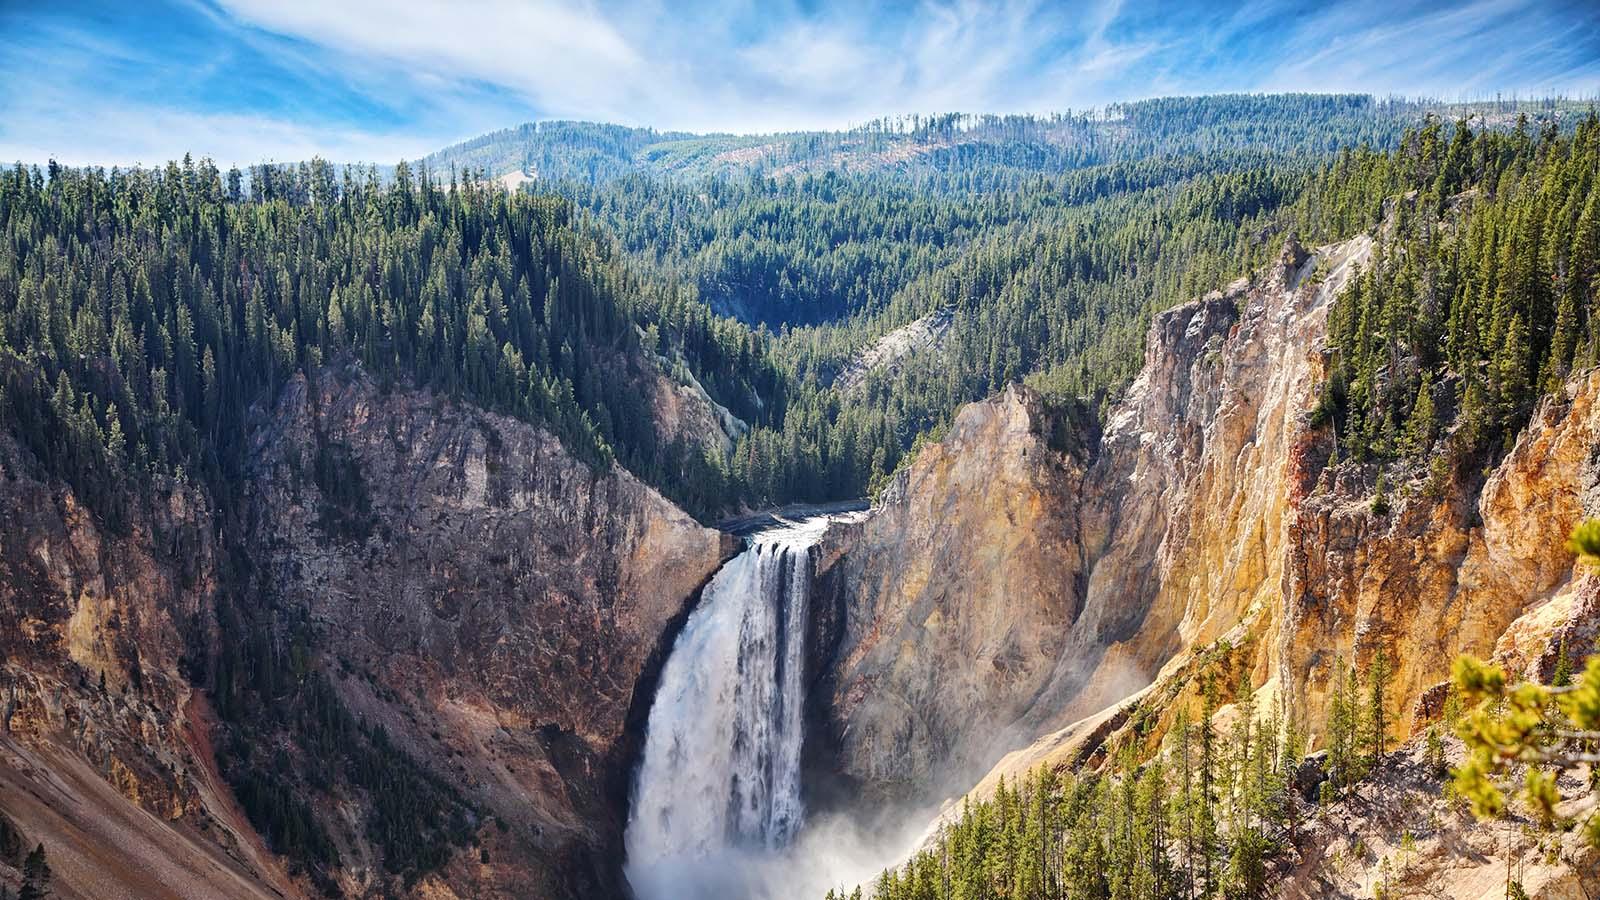 waterfall in scenic mountain range